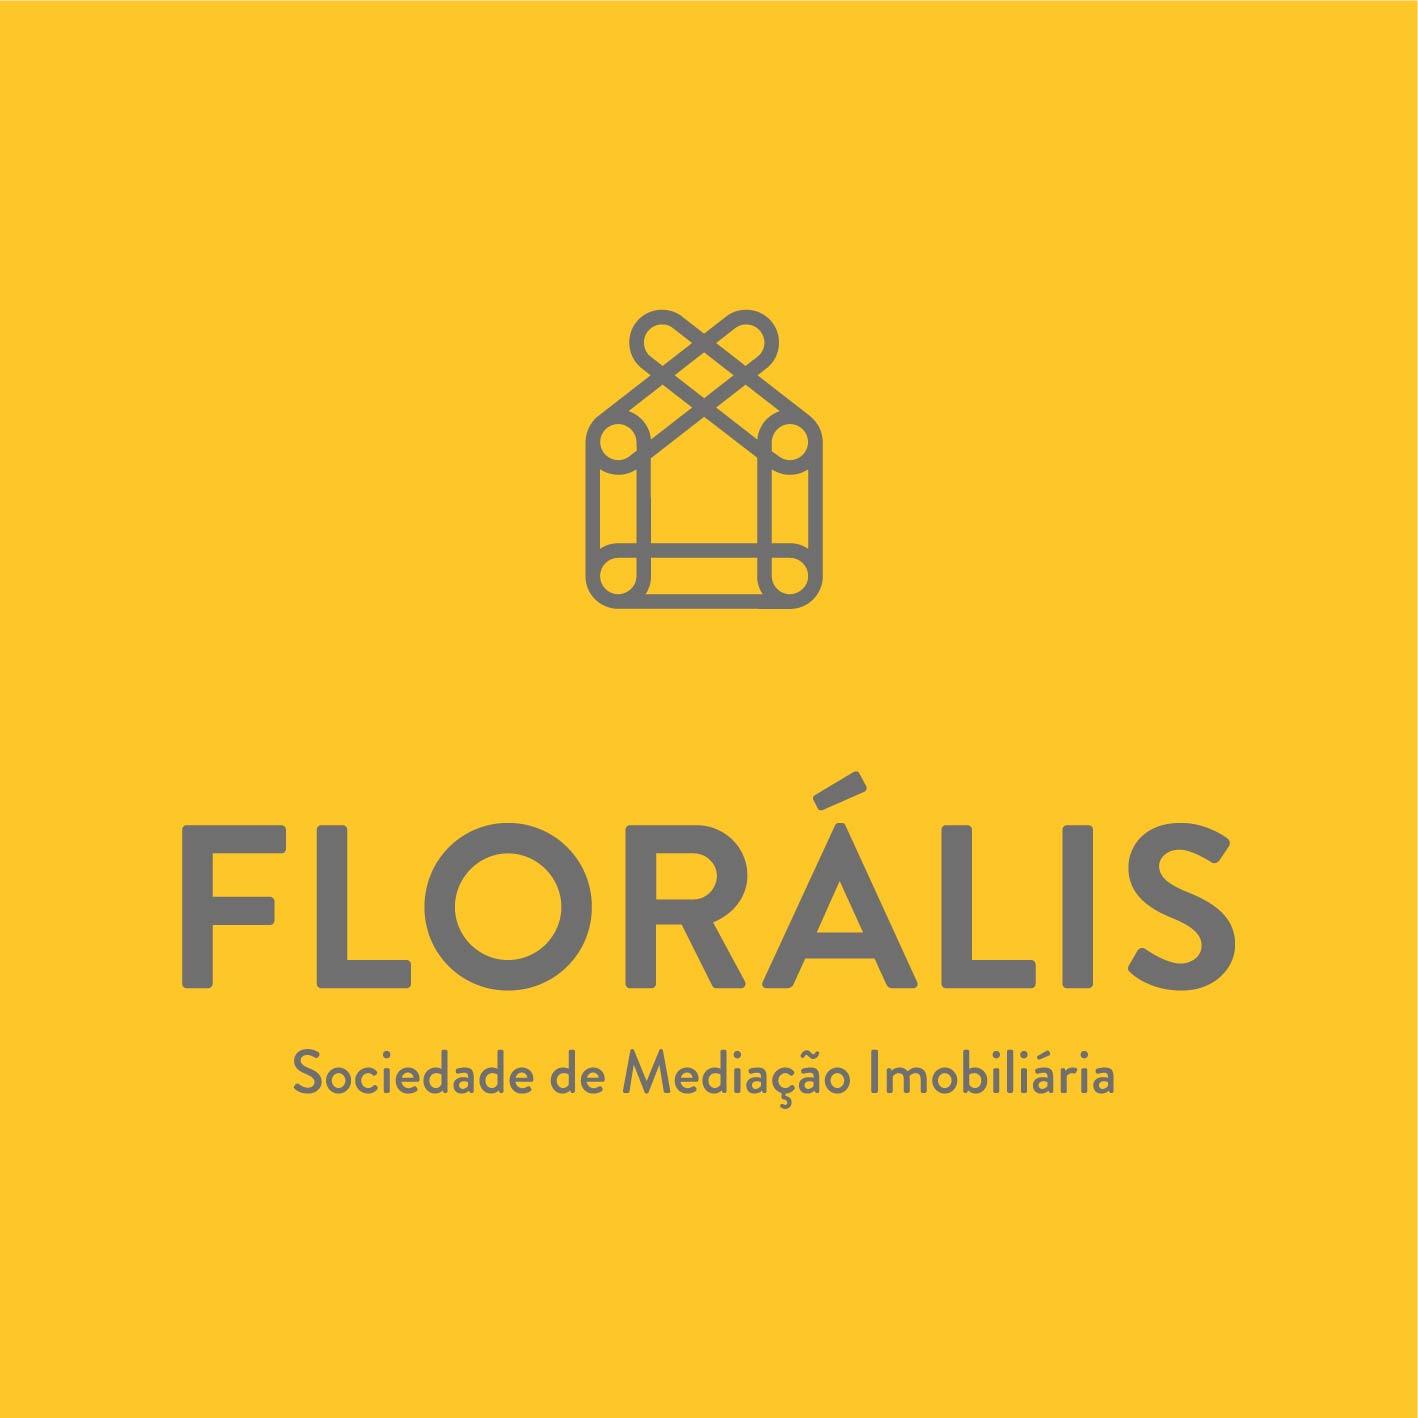 FLORALIS - SOC. de MEDIAÇÃO IMOBILIÁRIA, LDA